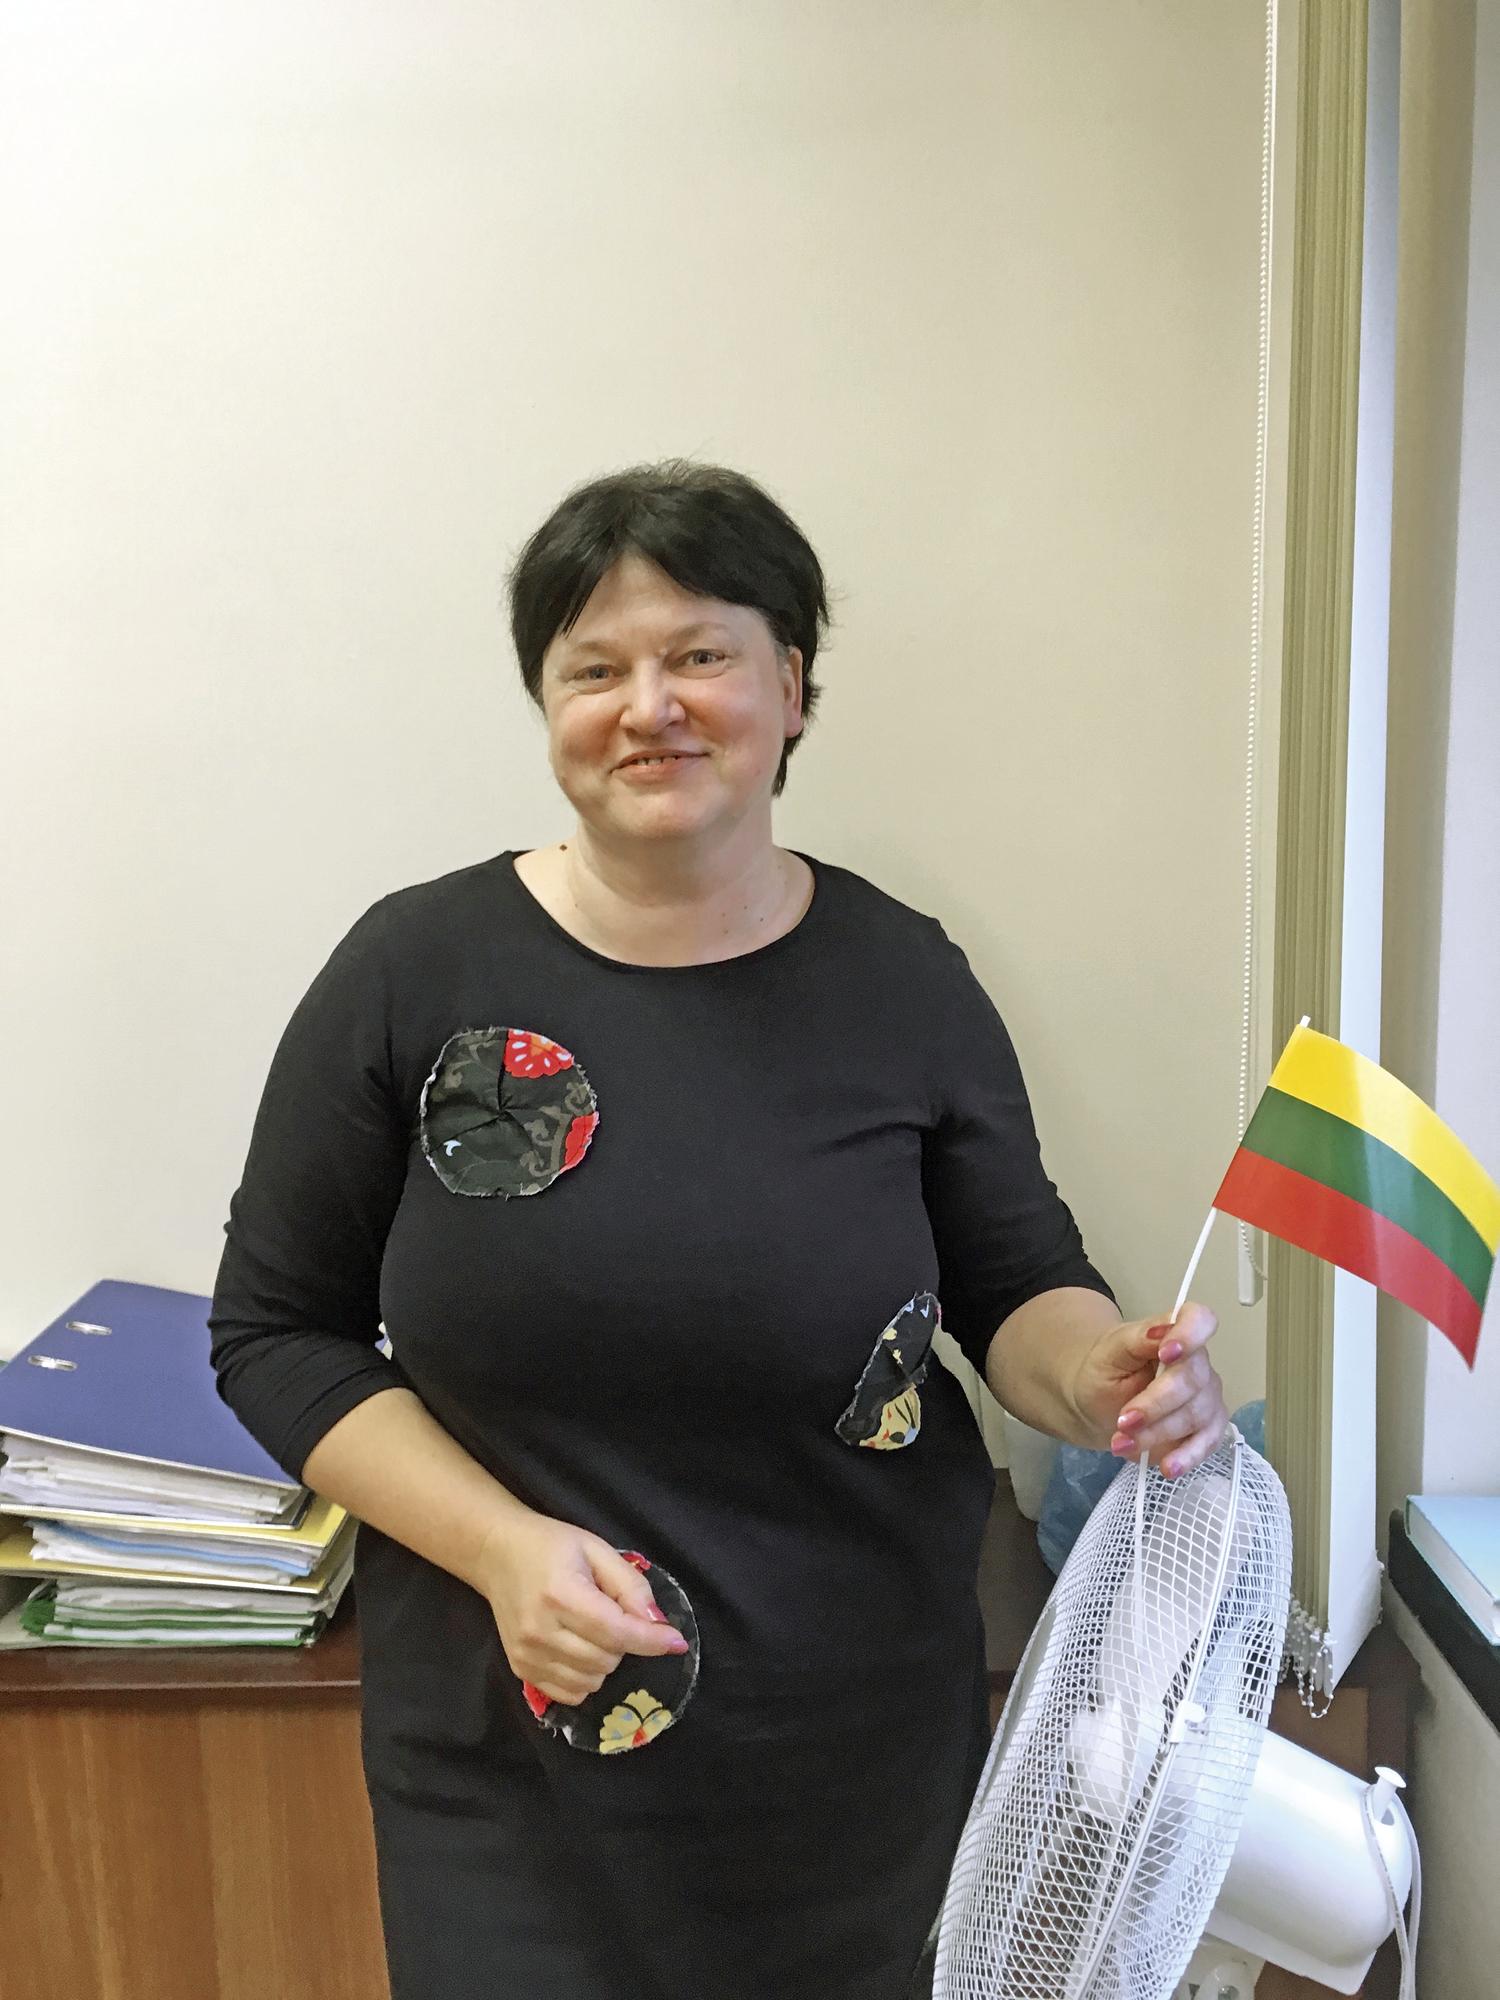 Kaunasin kaupungin ympäristöosaston johtaja Radeta Savickienè kertoo kaupungin valmistautuvan EU:n kiristyviin kierrätystavoitteisiin uudistamalla keräyskalustoaan.